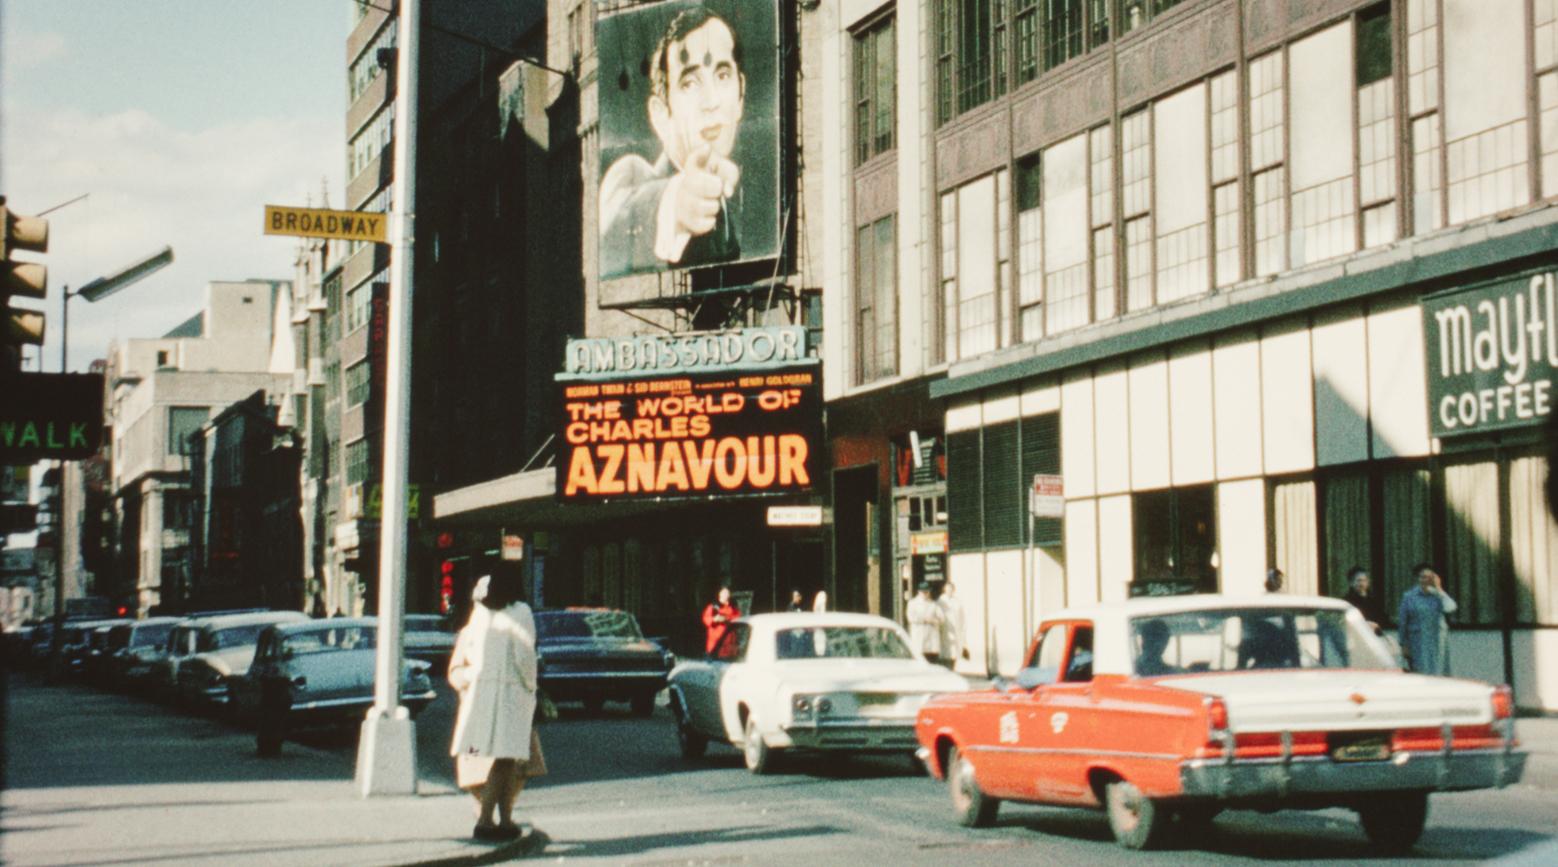 Aznavour by Charles, filmo, luego existo